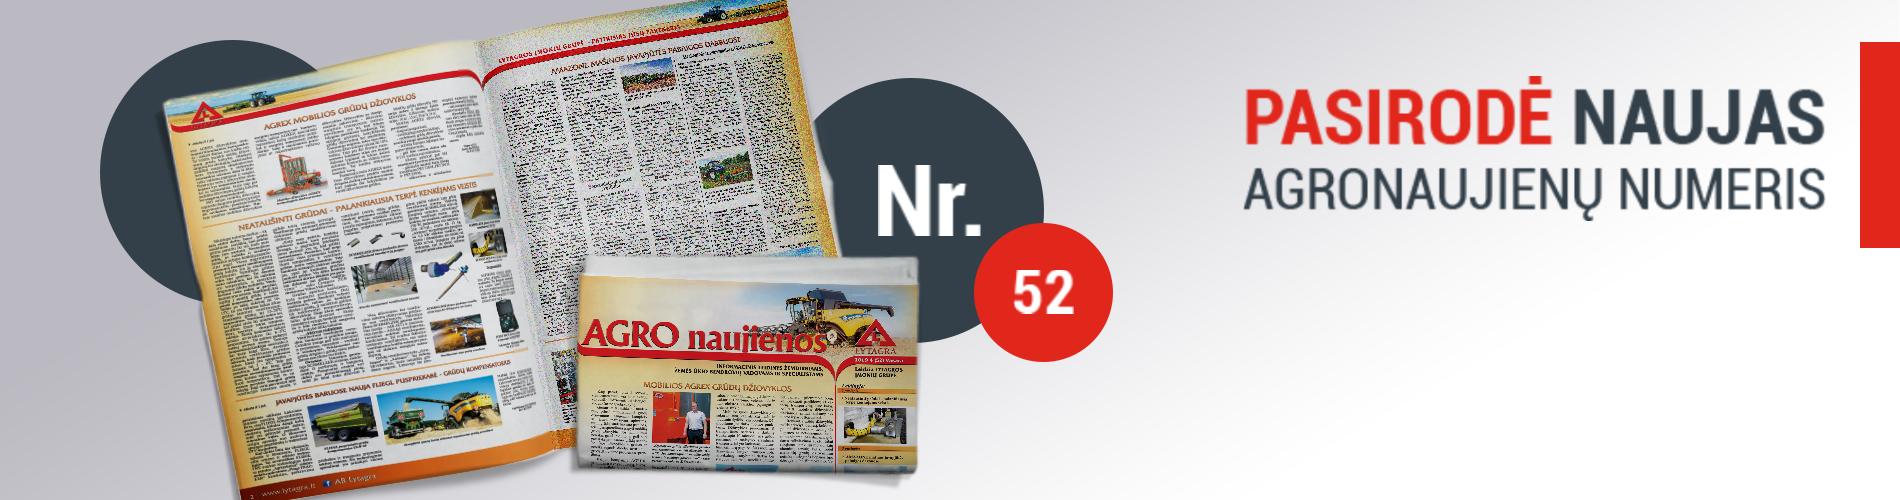 """NAUJAUSIAS informacinio ūkininkų leidinio """"AGRO naujienos"""" numeris"""